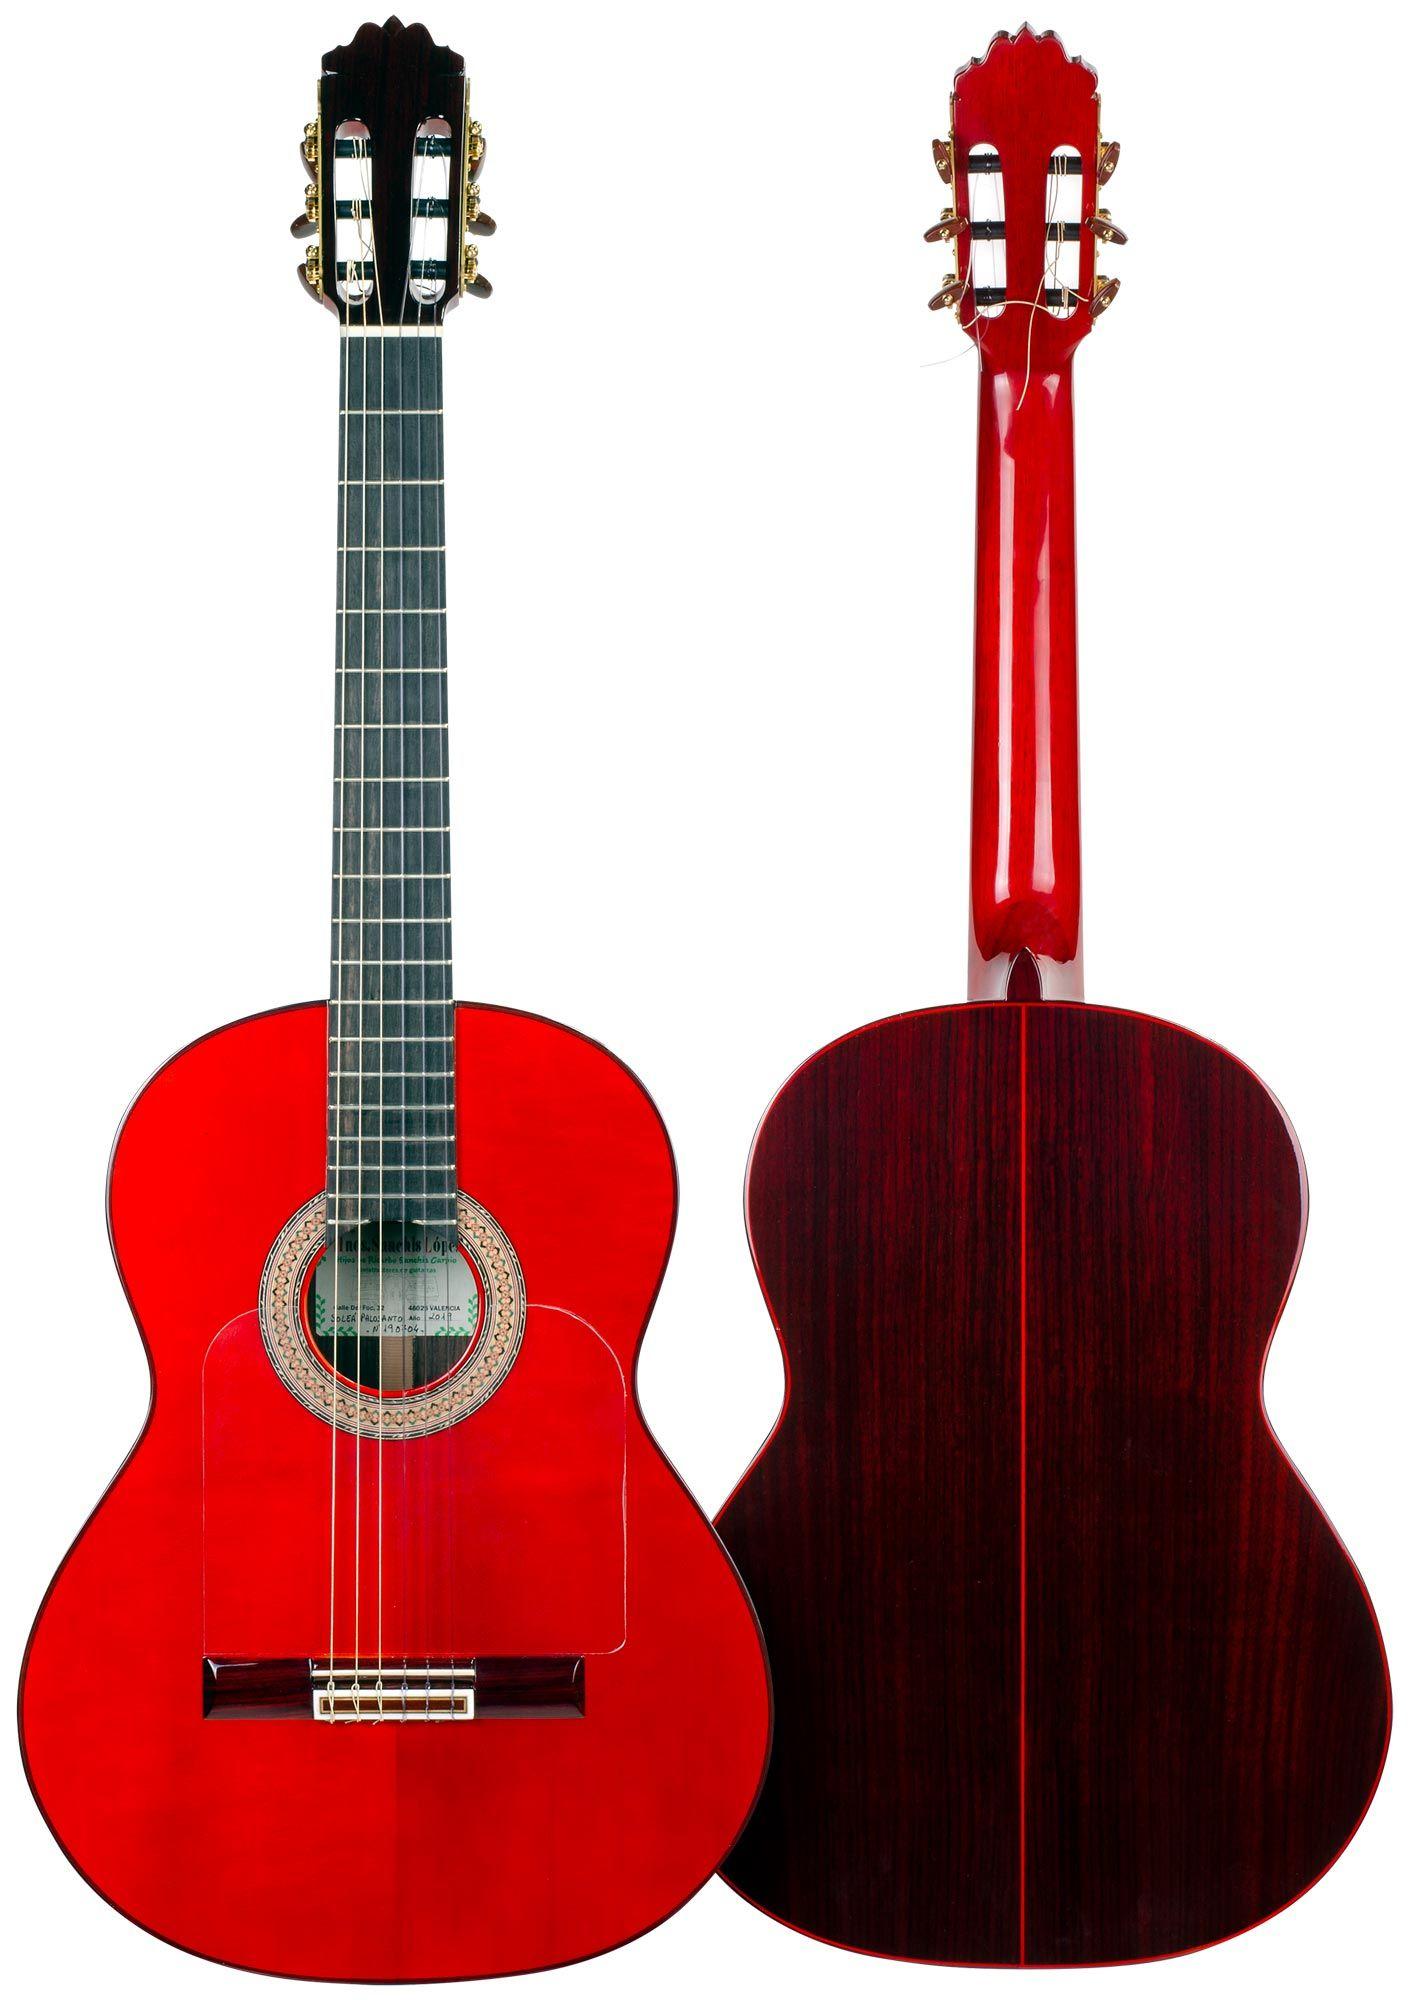 Hermanos Sanchis Lopez Guitarra Flamenca Soleá Palosanto Roja Guitarras Flamenco Rojo